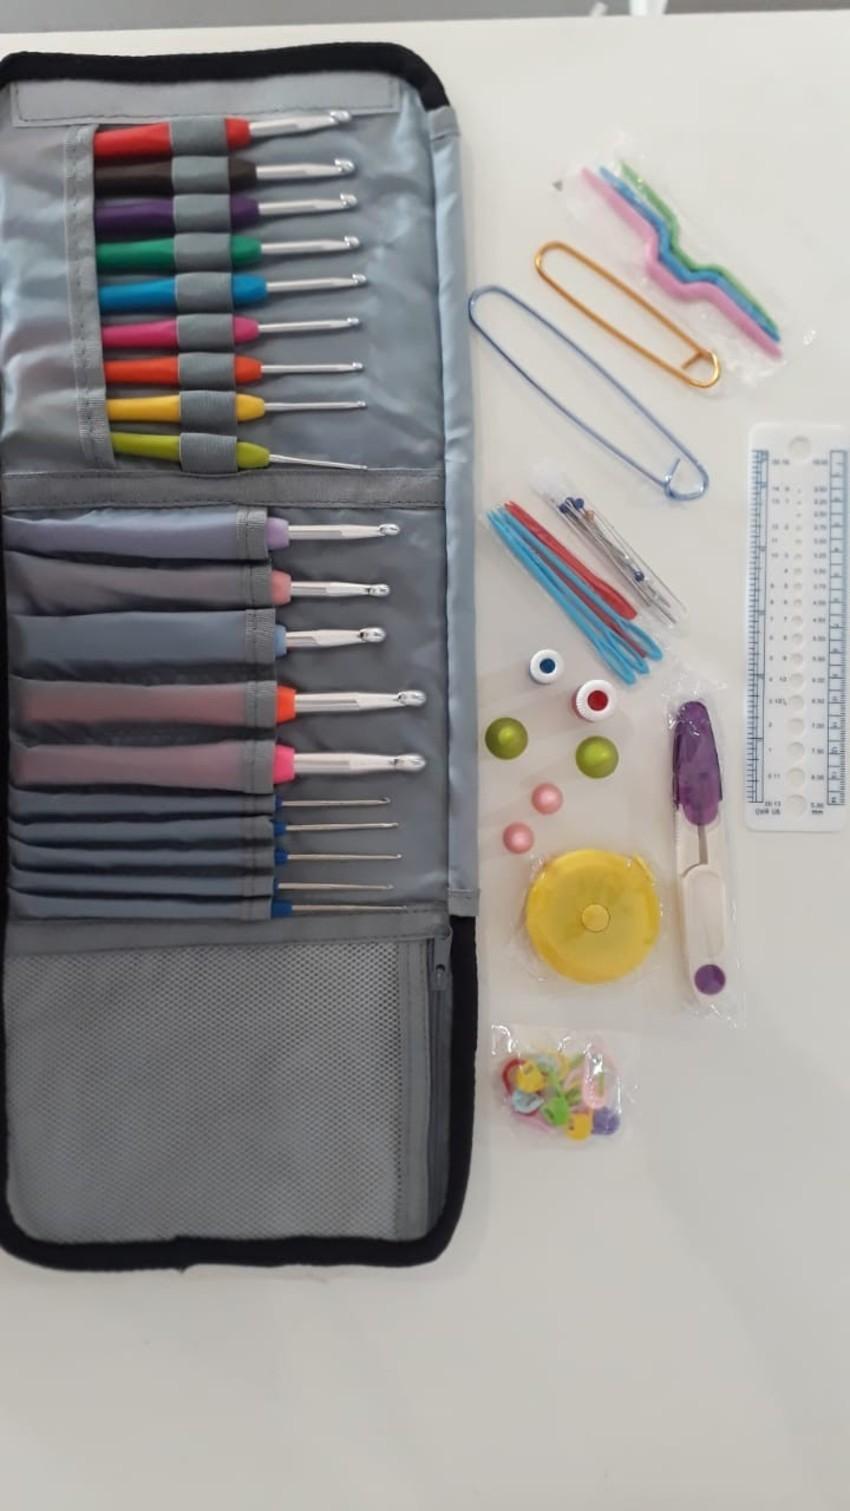 Kit Crochê 19 Agulhas Com Acessórios E Case